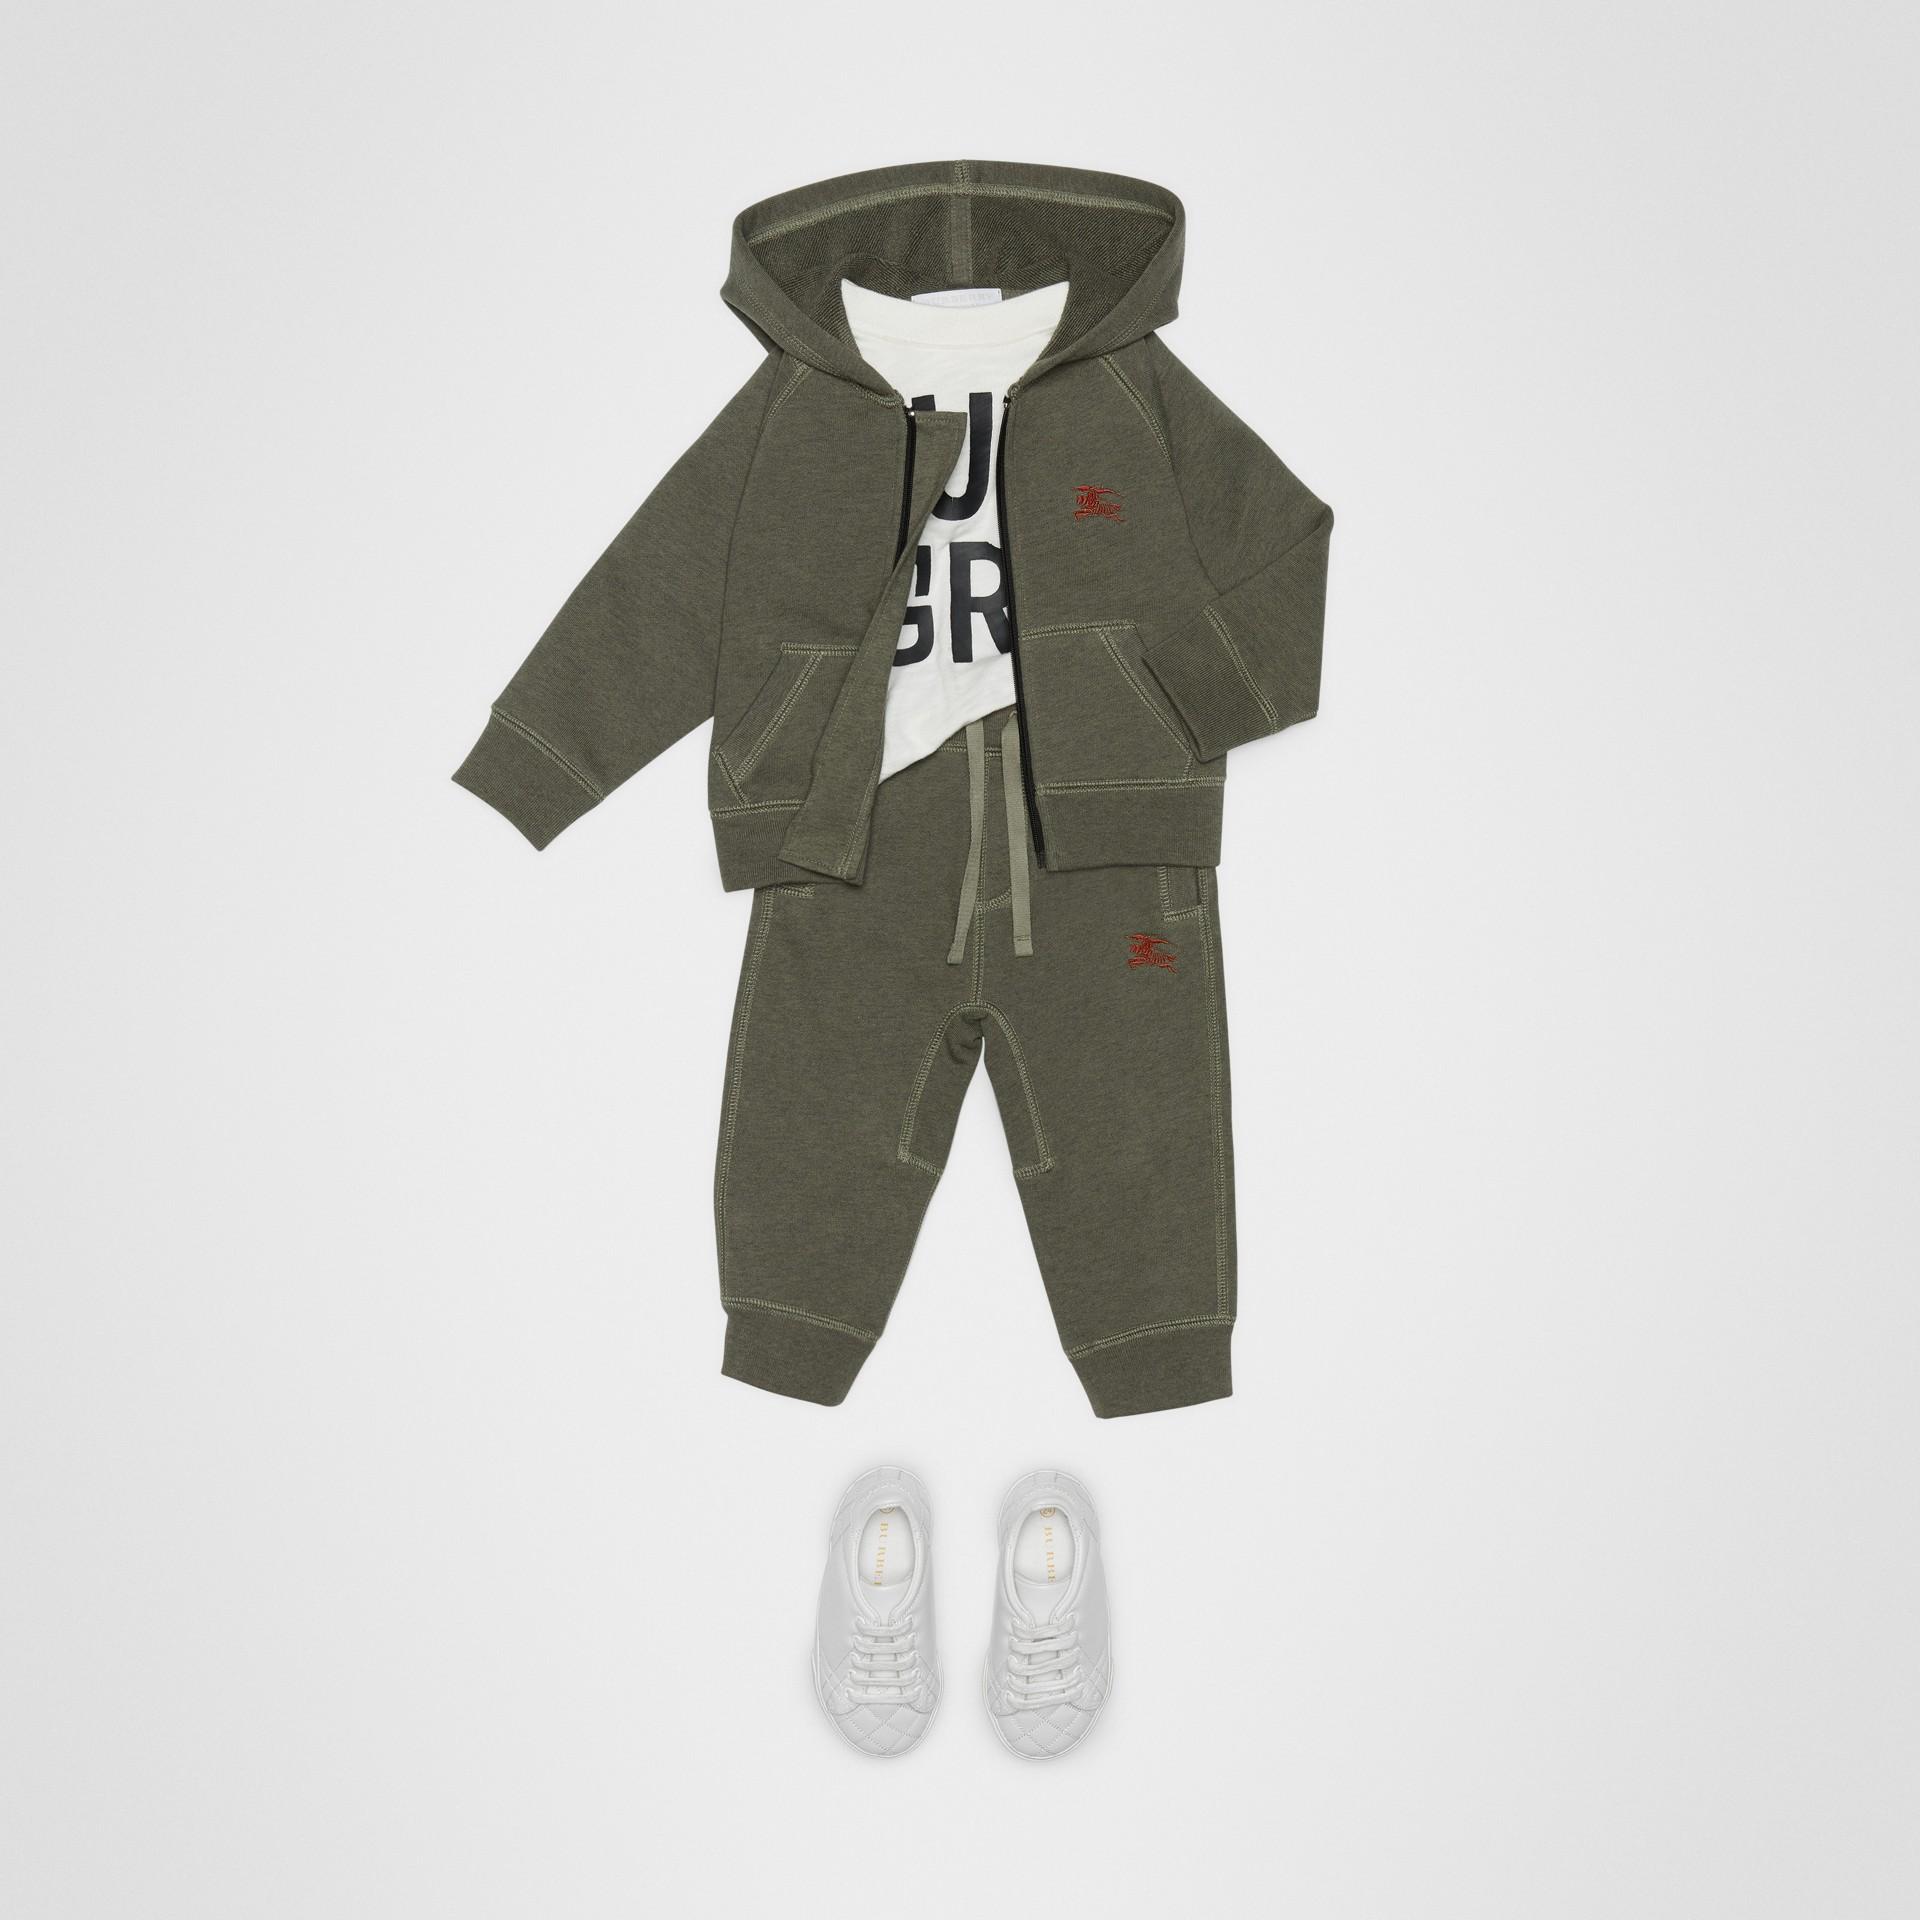 엠브로이더리 로고 코튼 트랙 팬츠 (올리브 멜란지) - 아동 | Burberry - 갤러리 이미지 2